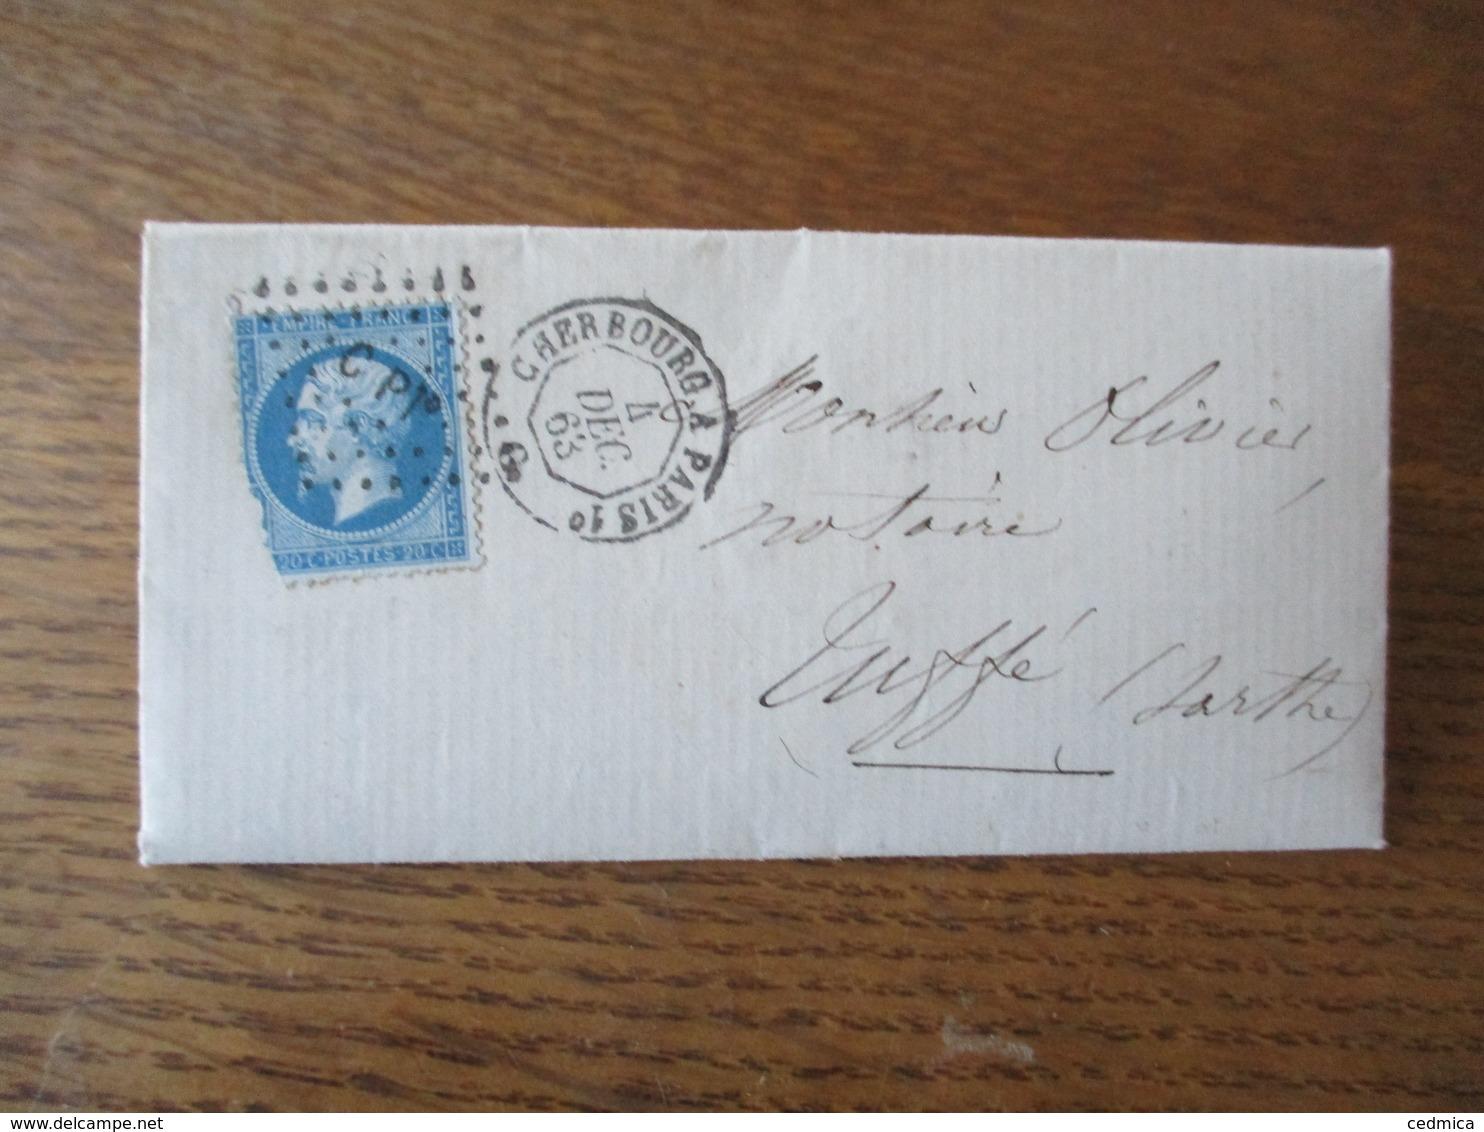 CACHET CHERBOURG A PARIS 1° 4 DEC. 63 6 LOSANGE PETITS CHIFFRES C P 1° SUR LETTRE BERNAY 4 Xbre 1863 - Marcophilie (Lettres)